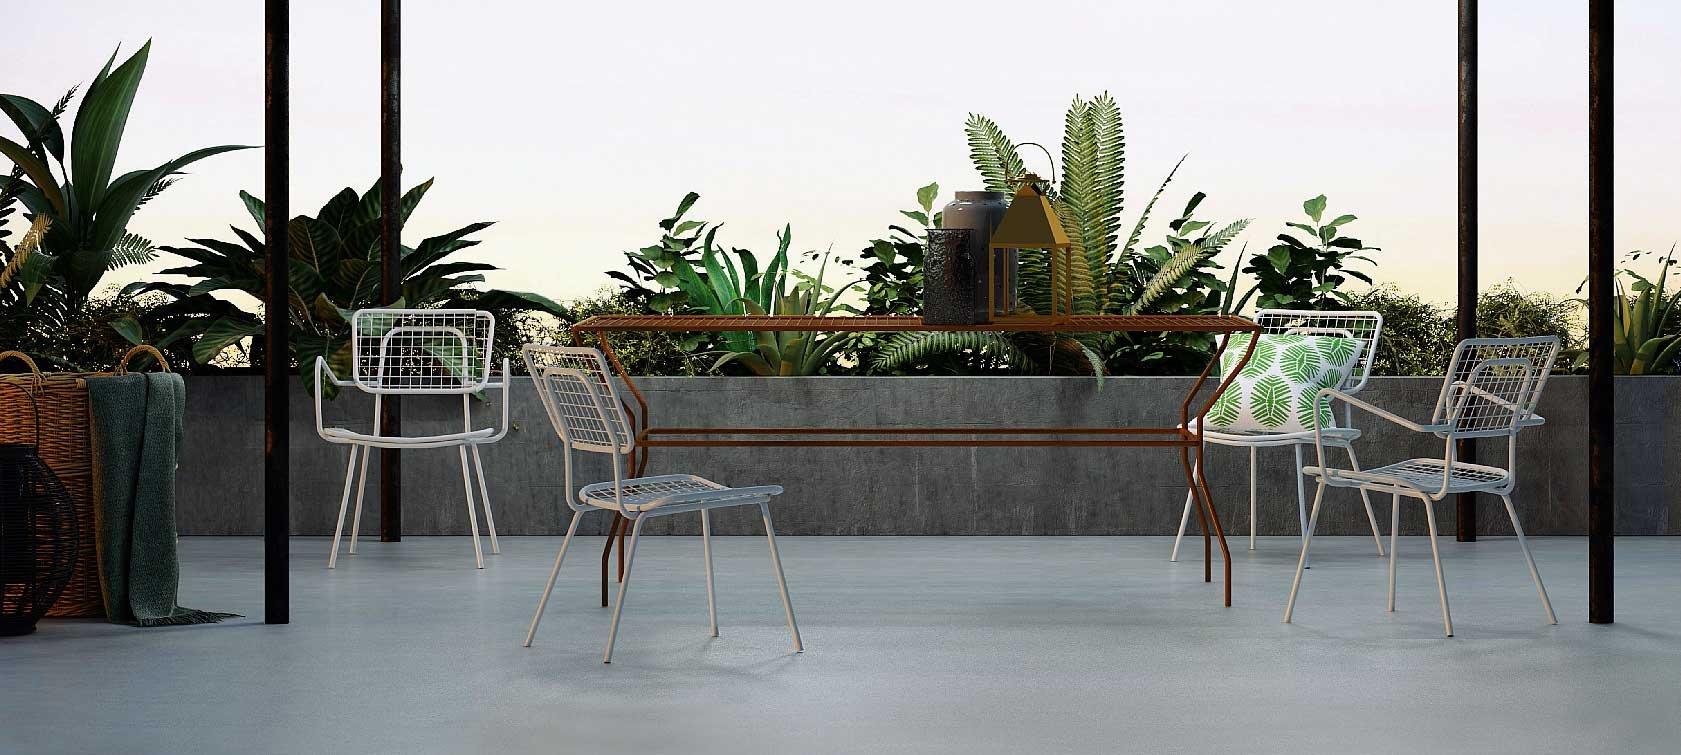 Mobili per esterno in metallo bianco nero di grande for Piccoli piani di casa in metallo